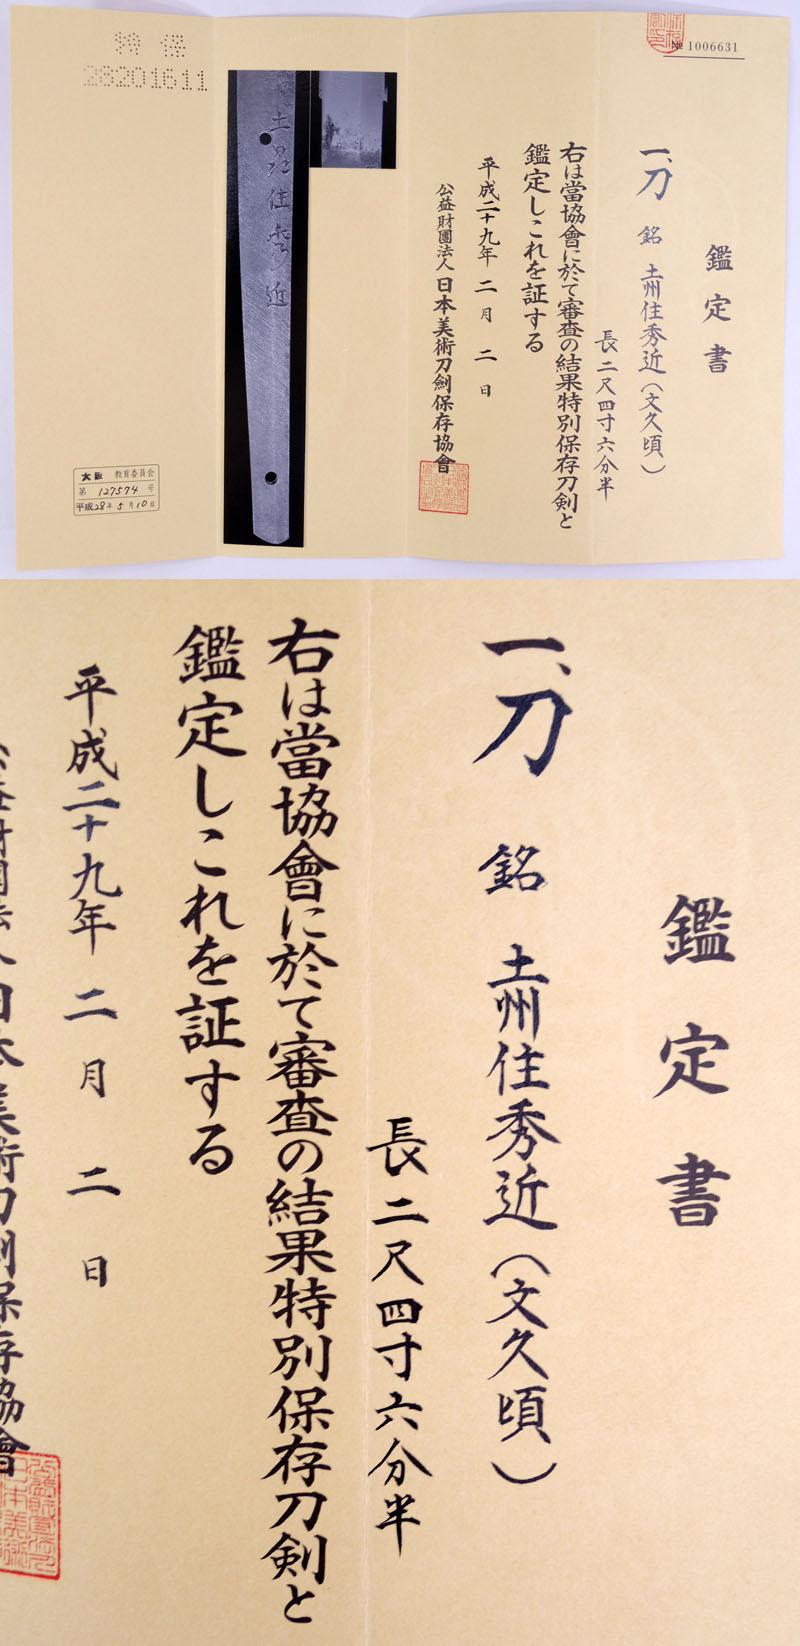 土州住秀近(左行秀門人) Picture of Certificate